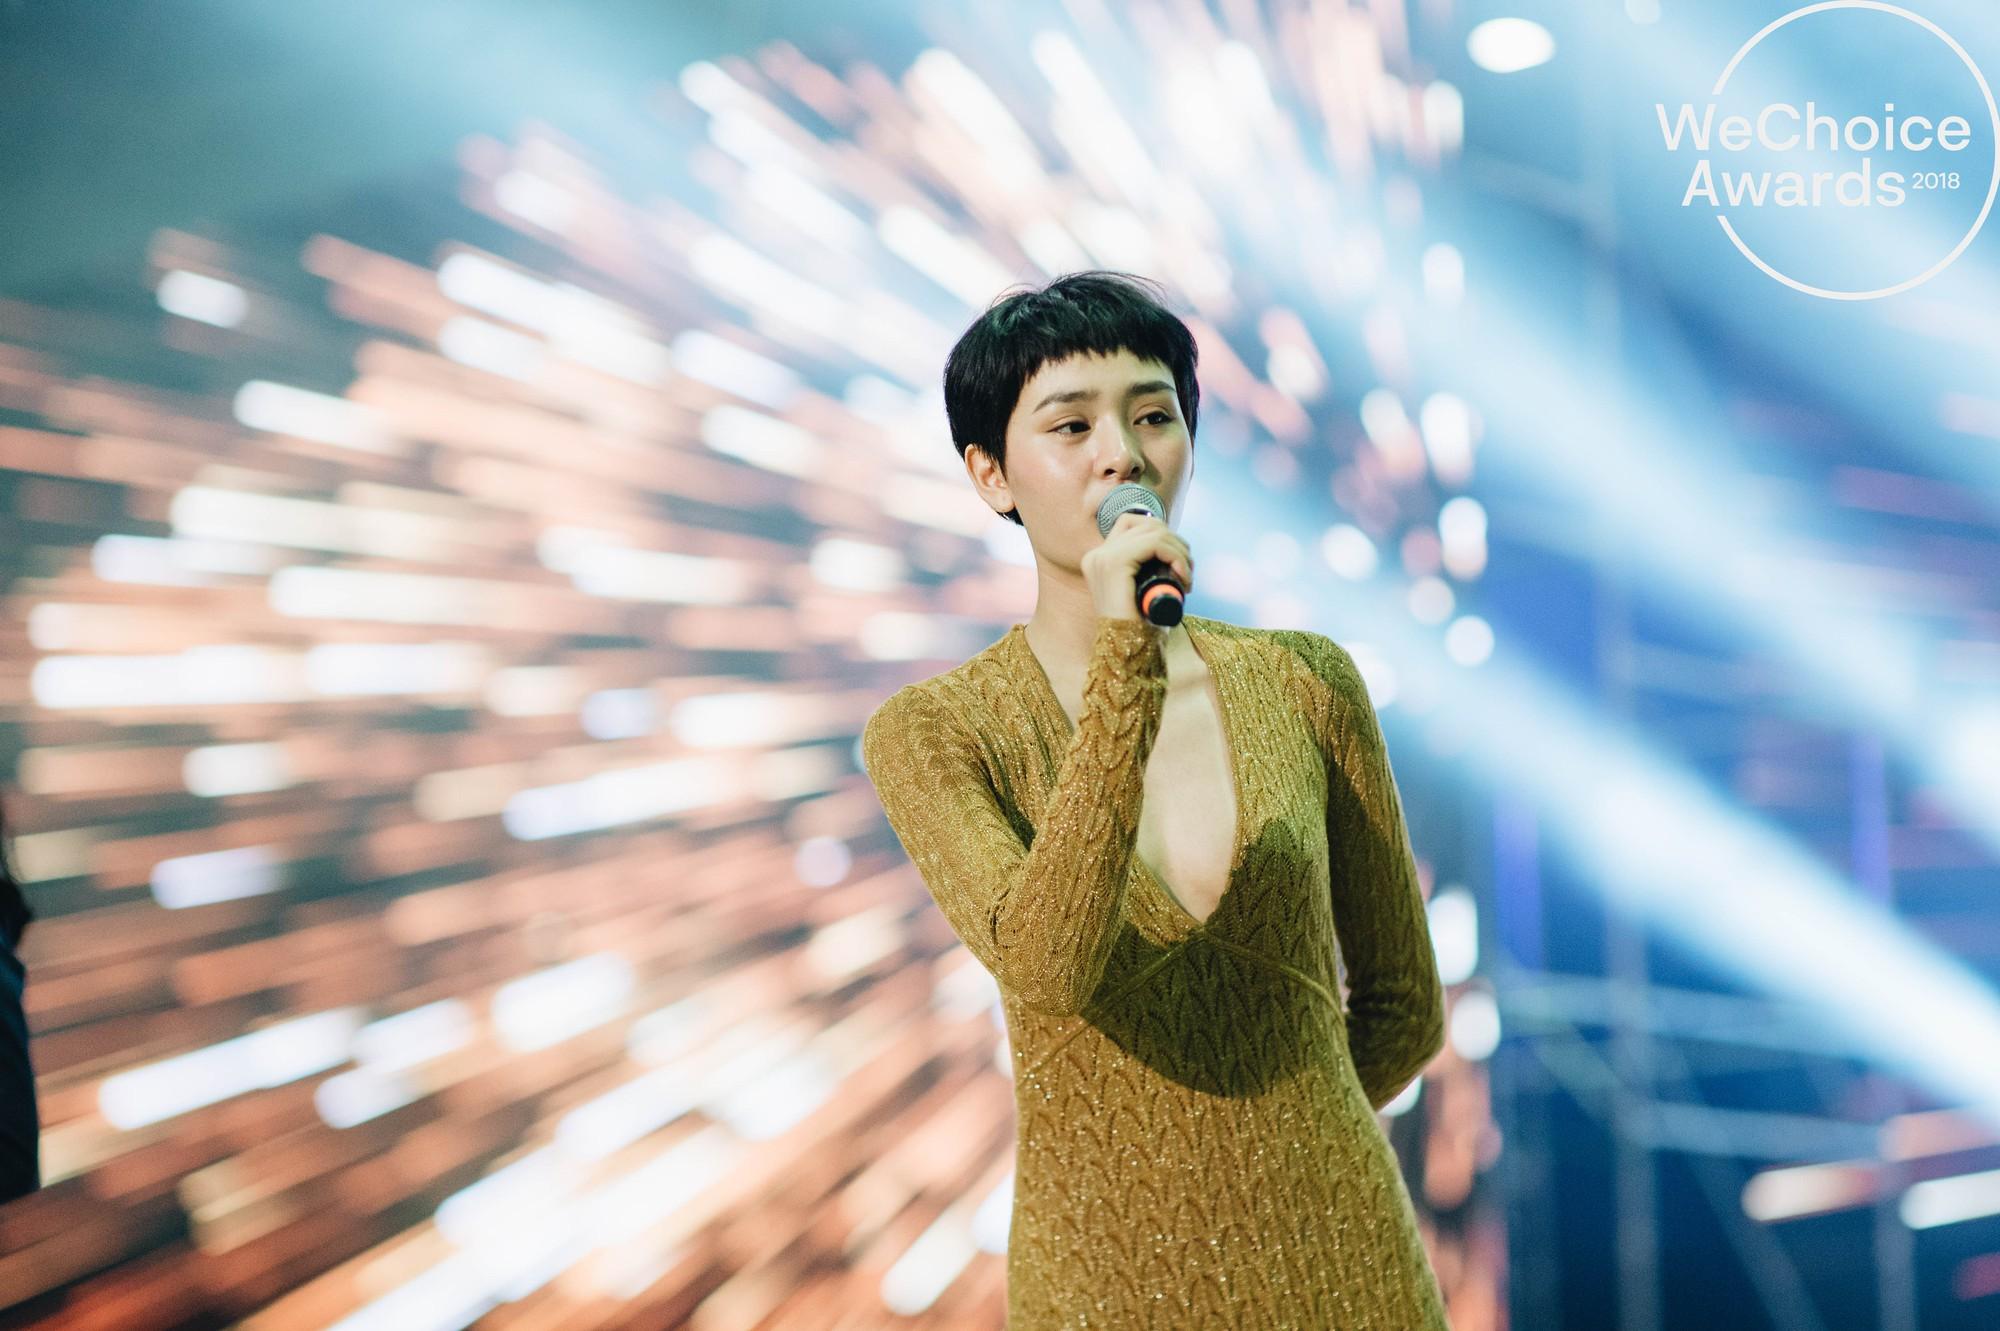 Trước giờ G, ngắm loạt khoảnh khắc đầy cảm xúc của dàn nghệ sĩ tại buổi tổng duyệt Gala Wechoice Awards 2018 - Ảnh 12.